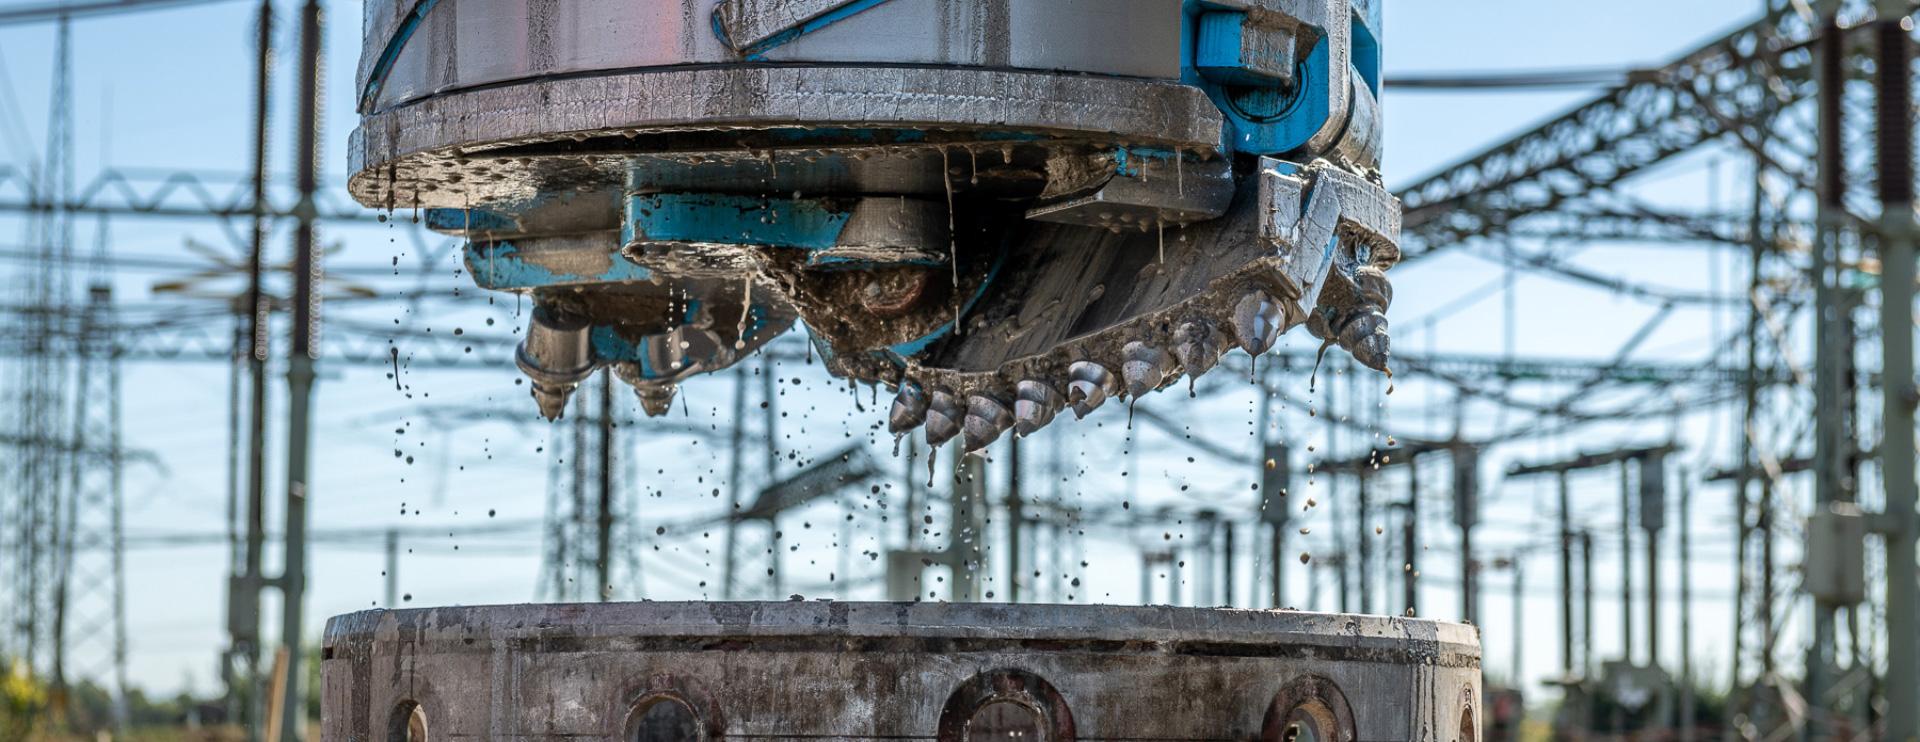 Pfahlbohrungen unter Hochspannungsleitungen mit der Soilmec SR-75 Blue Tech der HEIKLEN HÖHEN HELDEN von Himmel u. Papesch